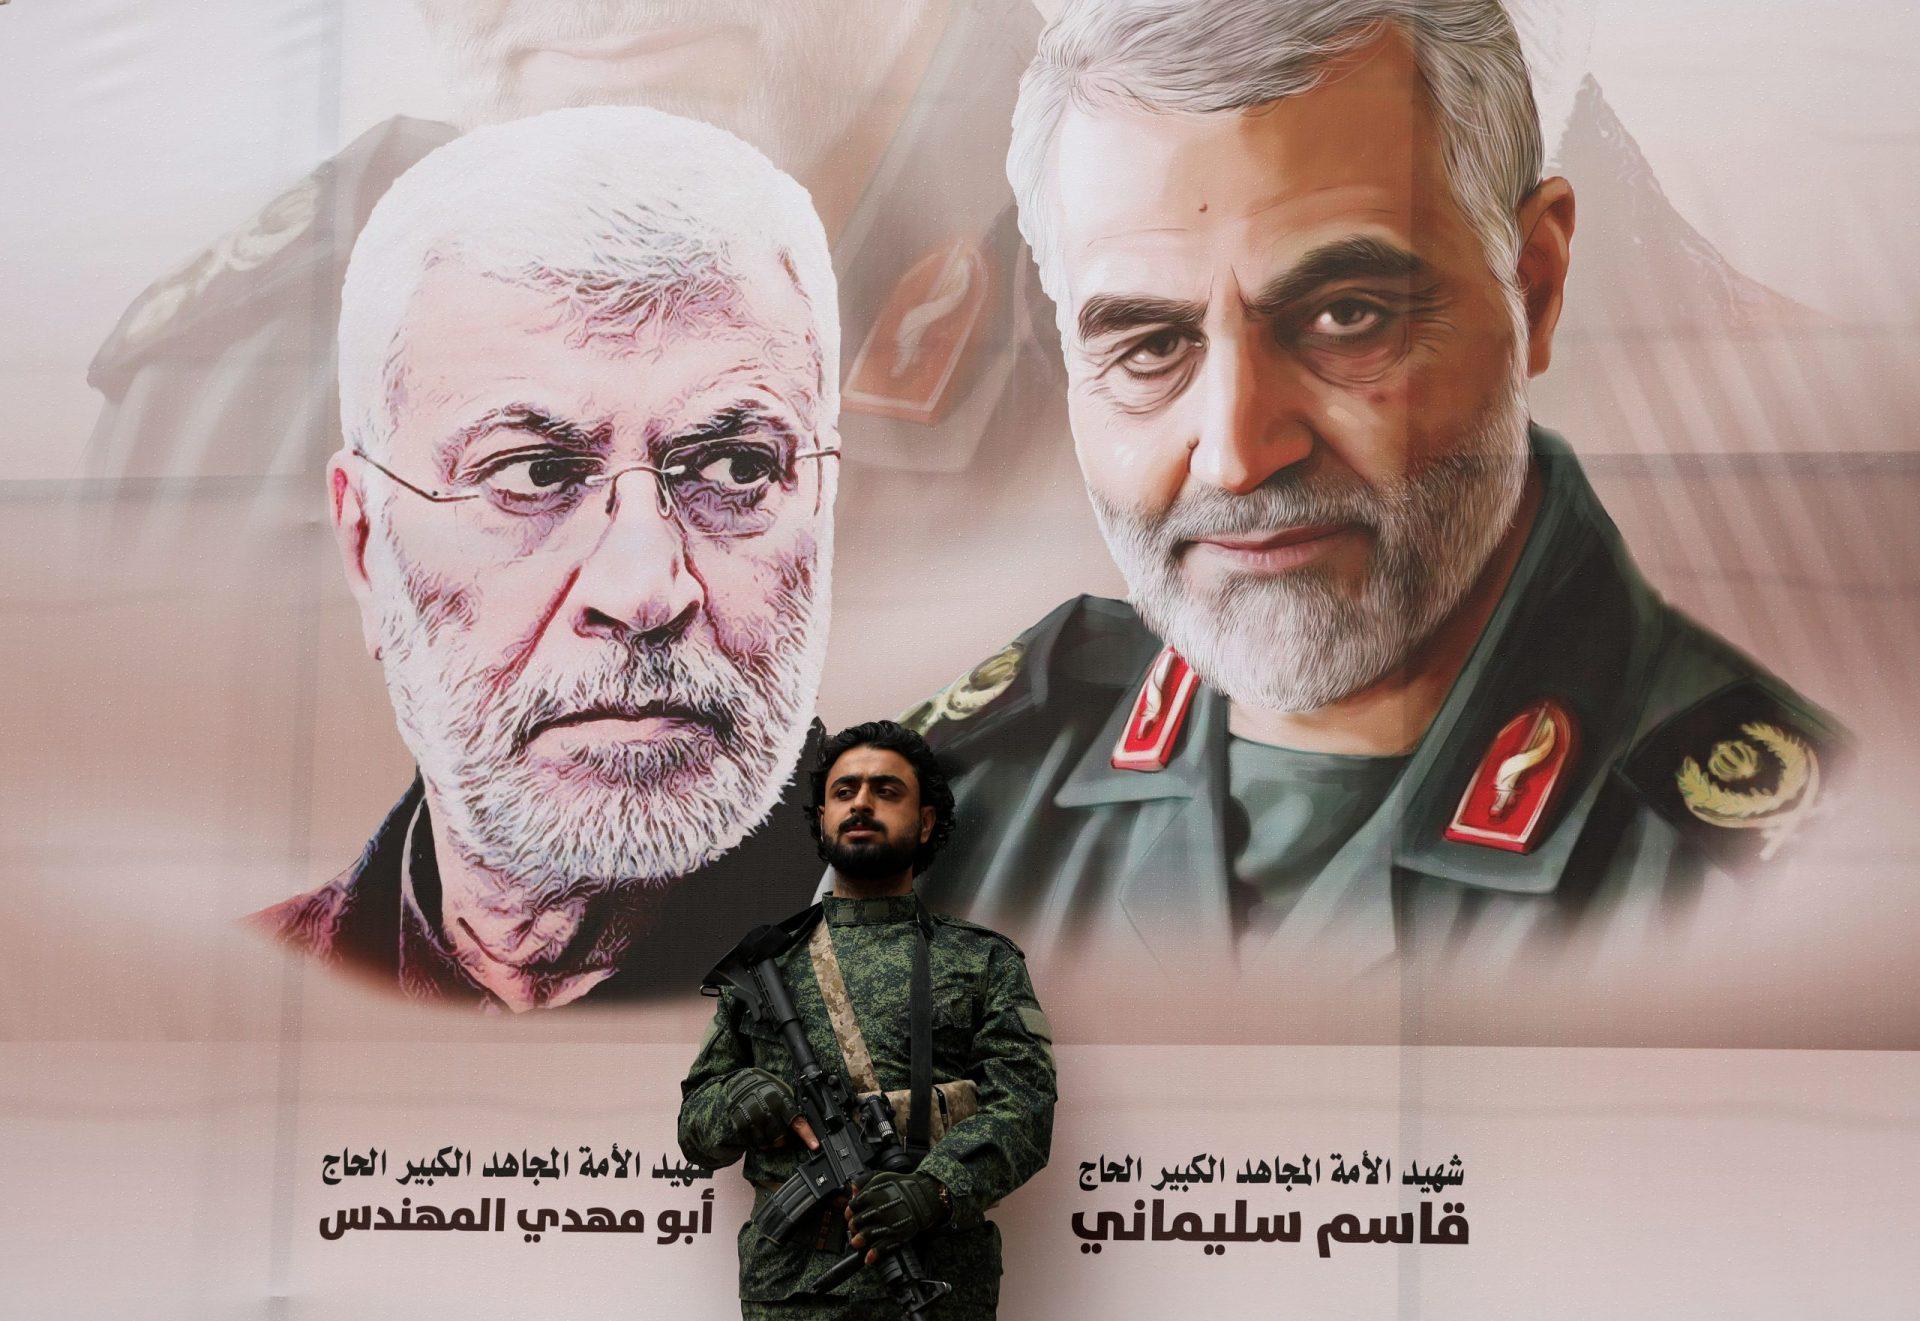 イラン革命防衛隊司令官殺害、元統合幕僚長の岩崎氏「米国は納得のいく説明や根拠を示すべき」